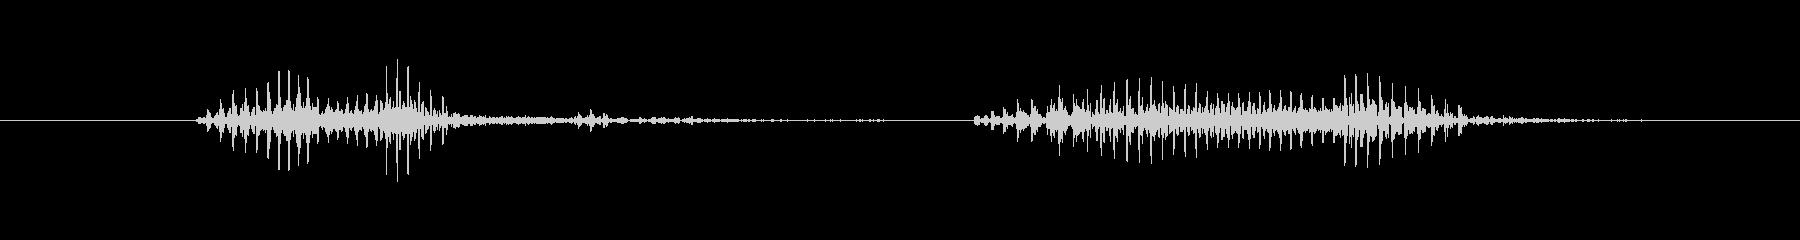 今すぐダウンロード(低めイケボ風)の未再生の波形